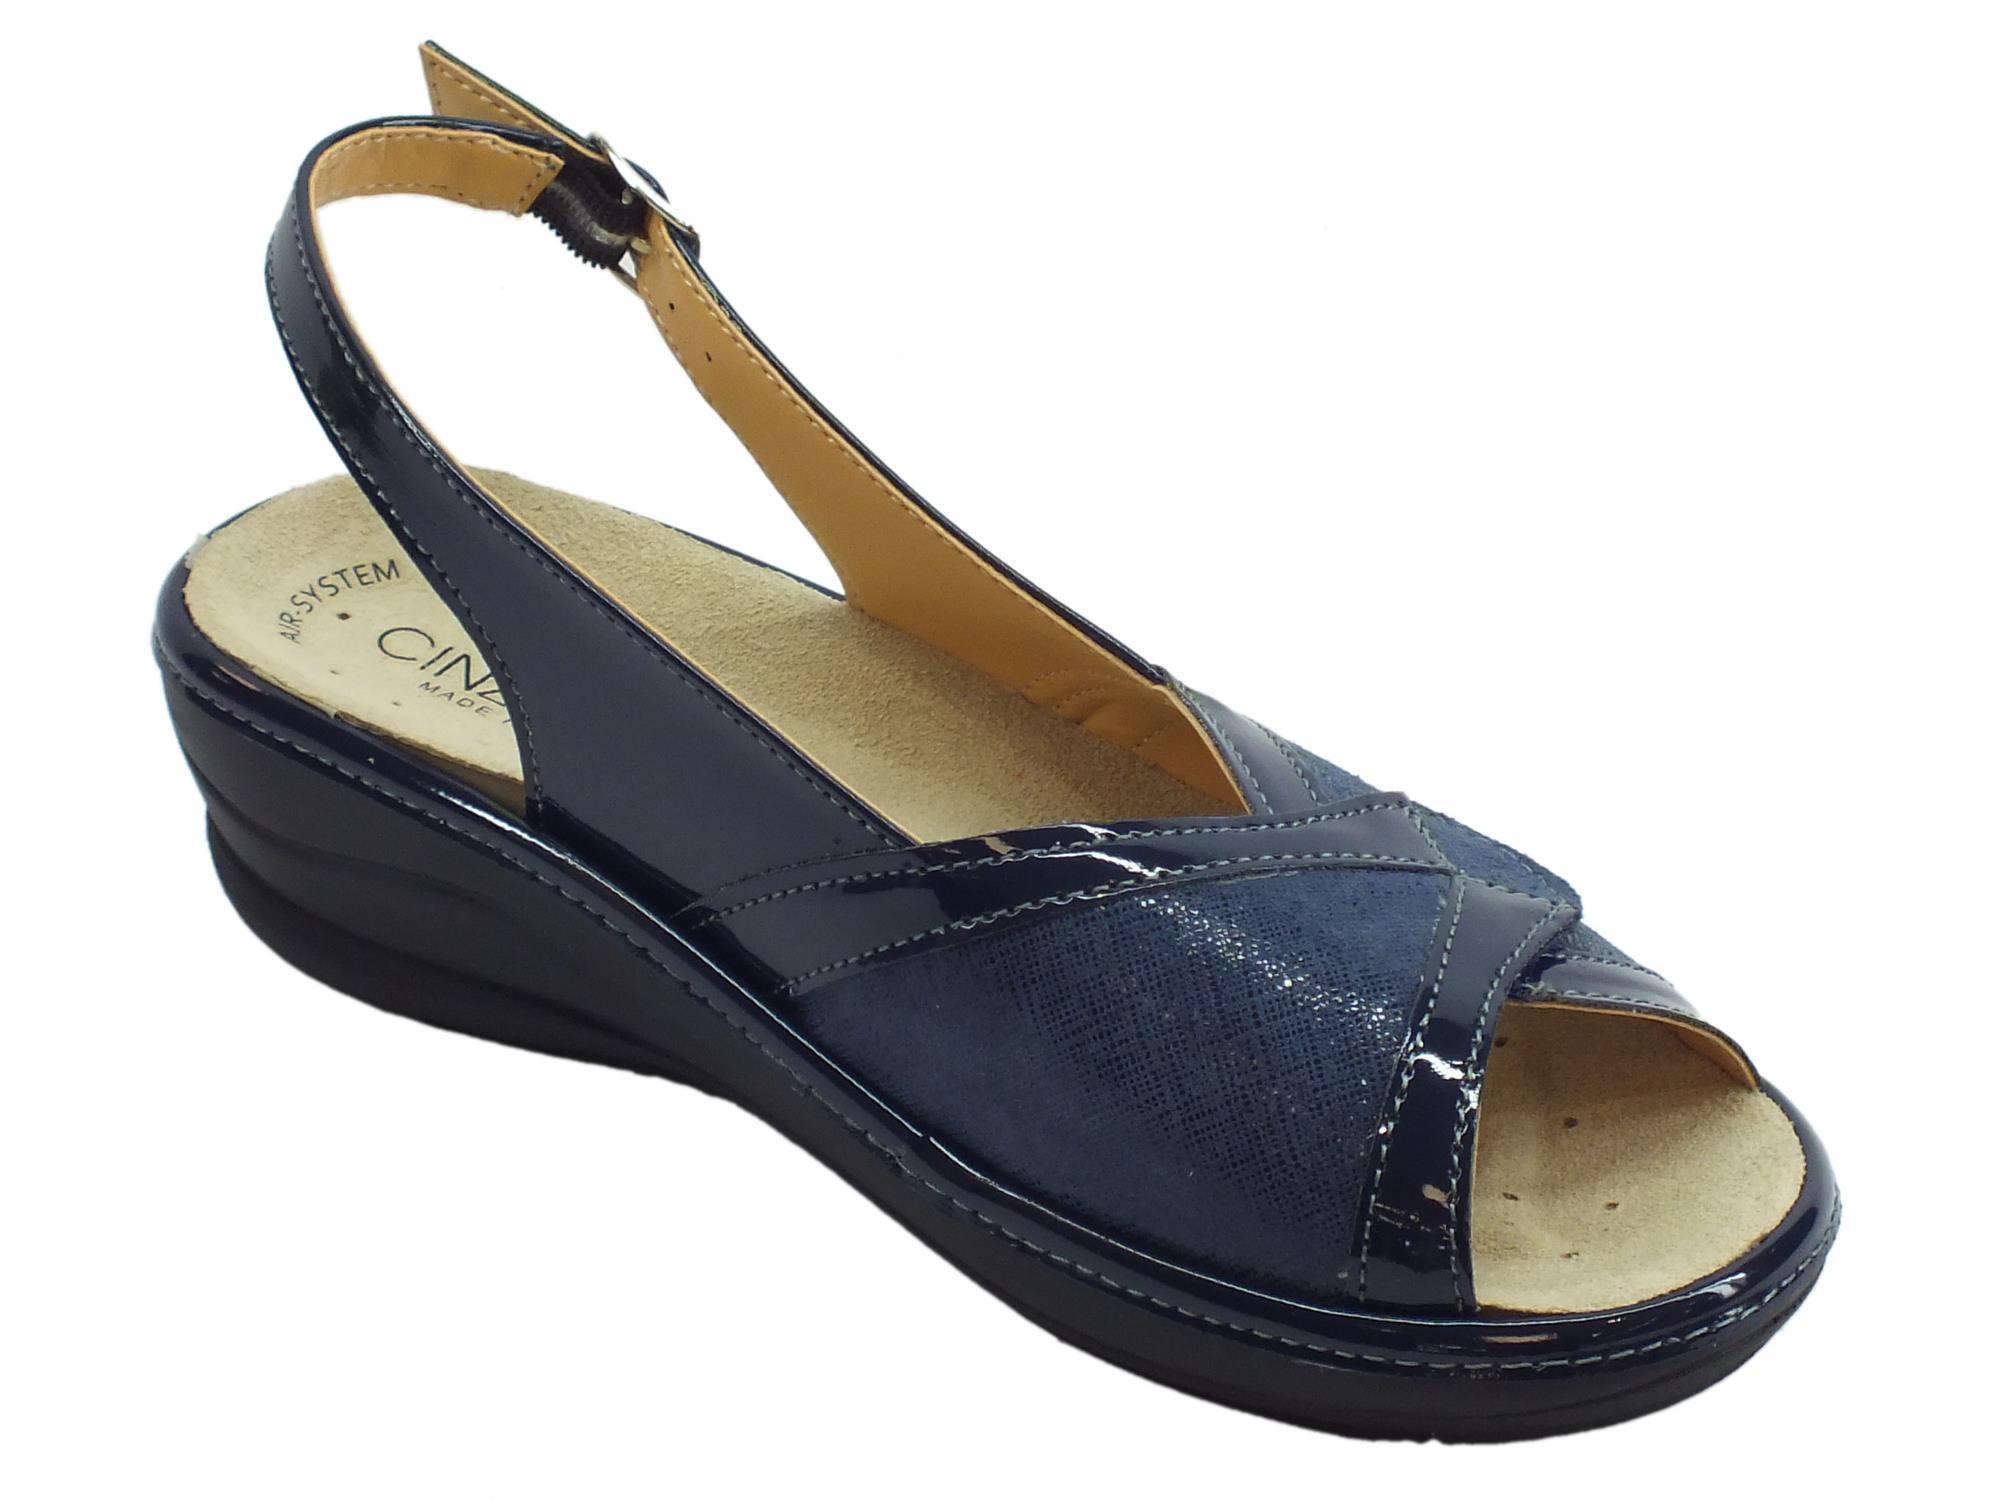 ... Cinzia Soft sandali linea comoda vernice e tessuto elasticizzato blu  fondo antiscivolo ... 0e710fe85e6